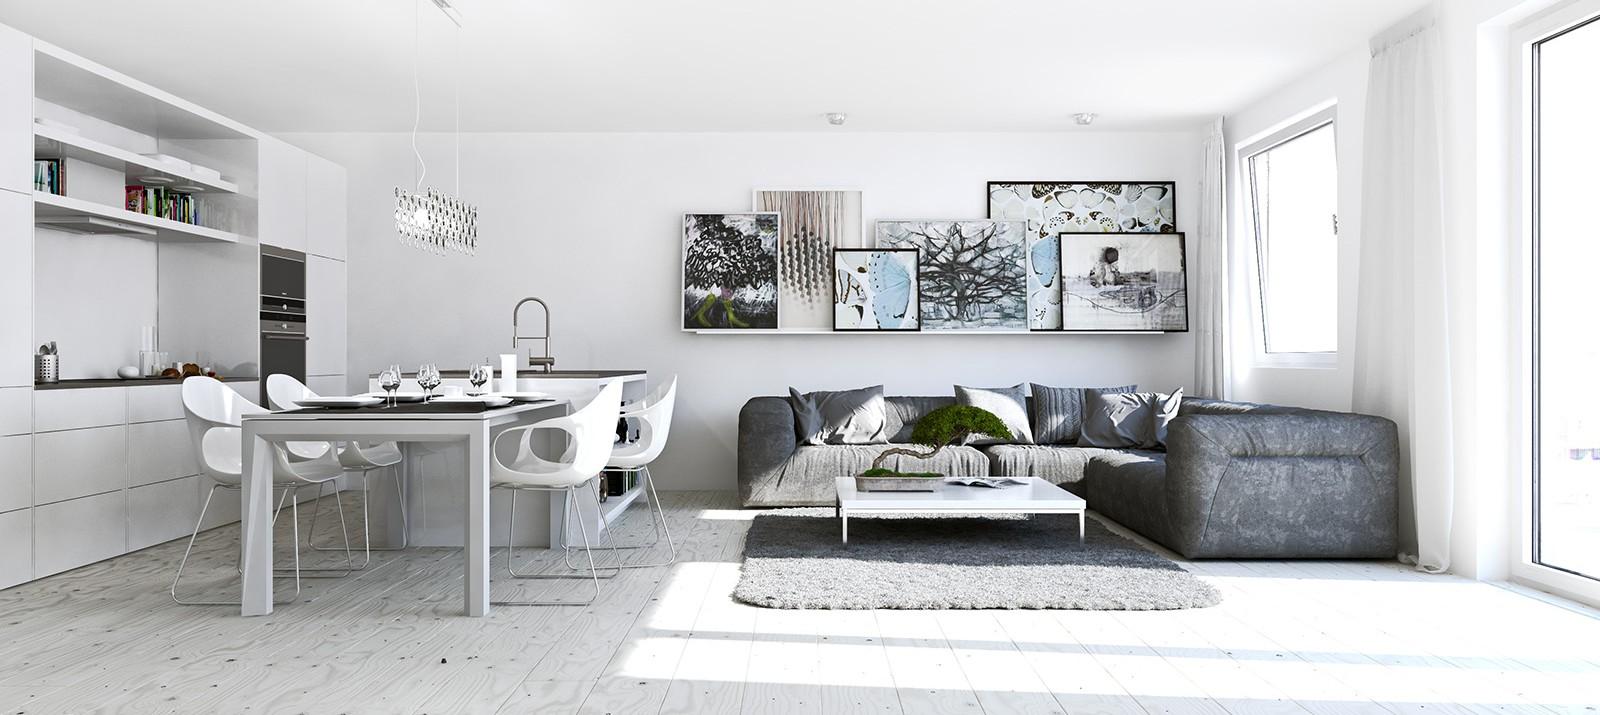 Разделяне на дневната от кухнята, без изграждане на обемисти стени